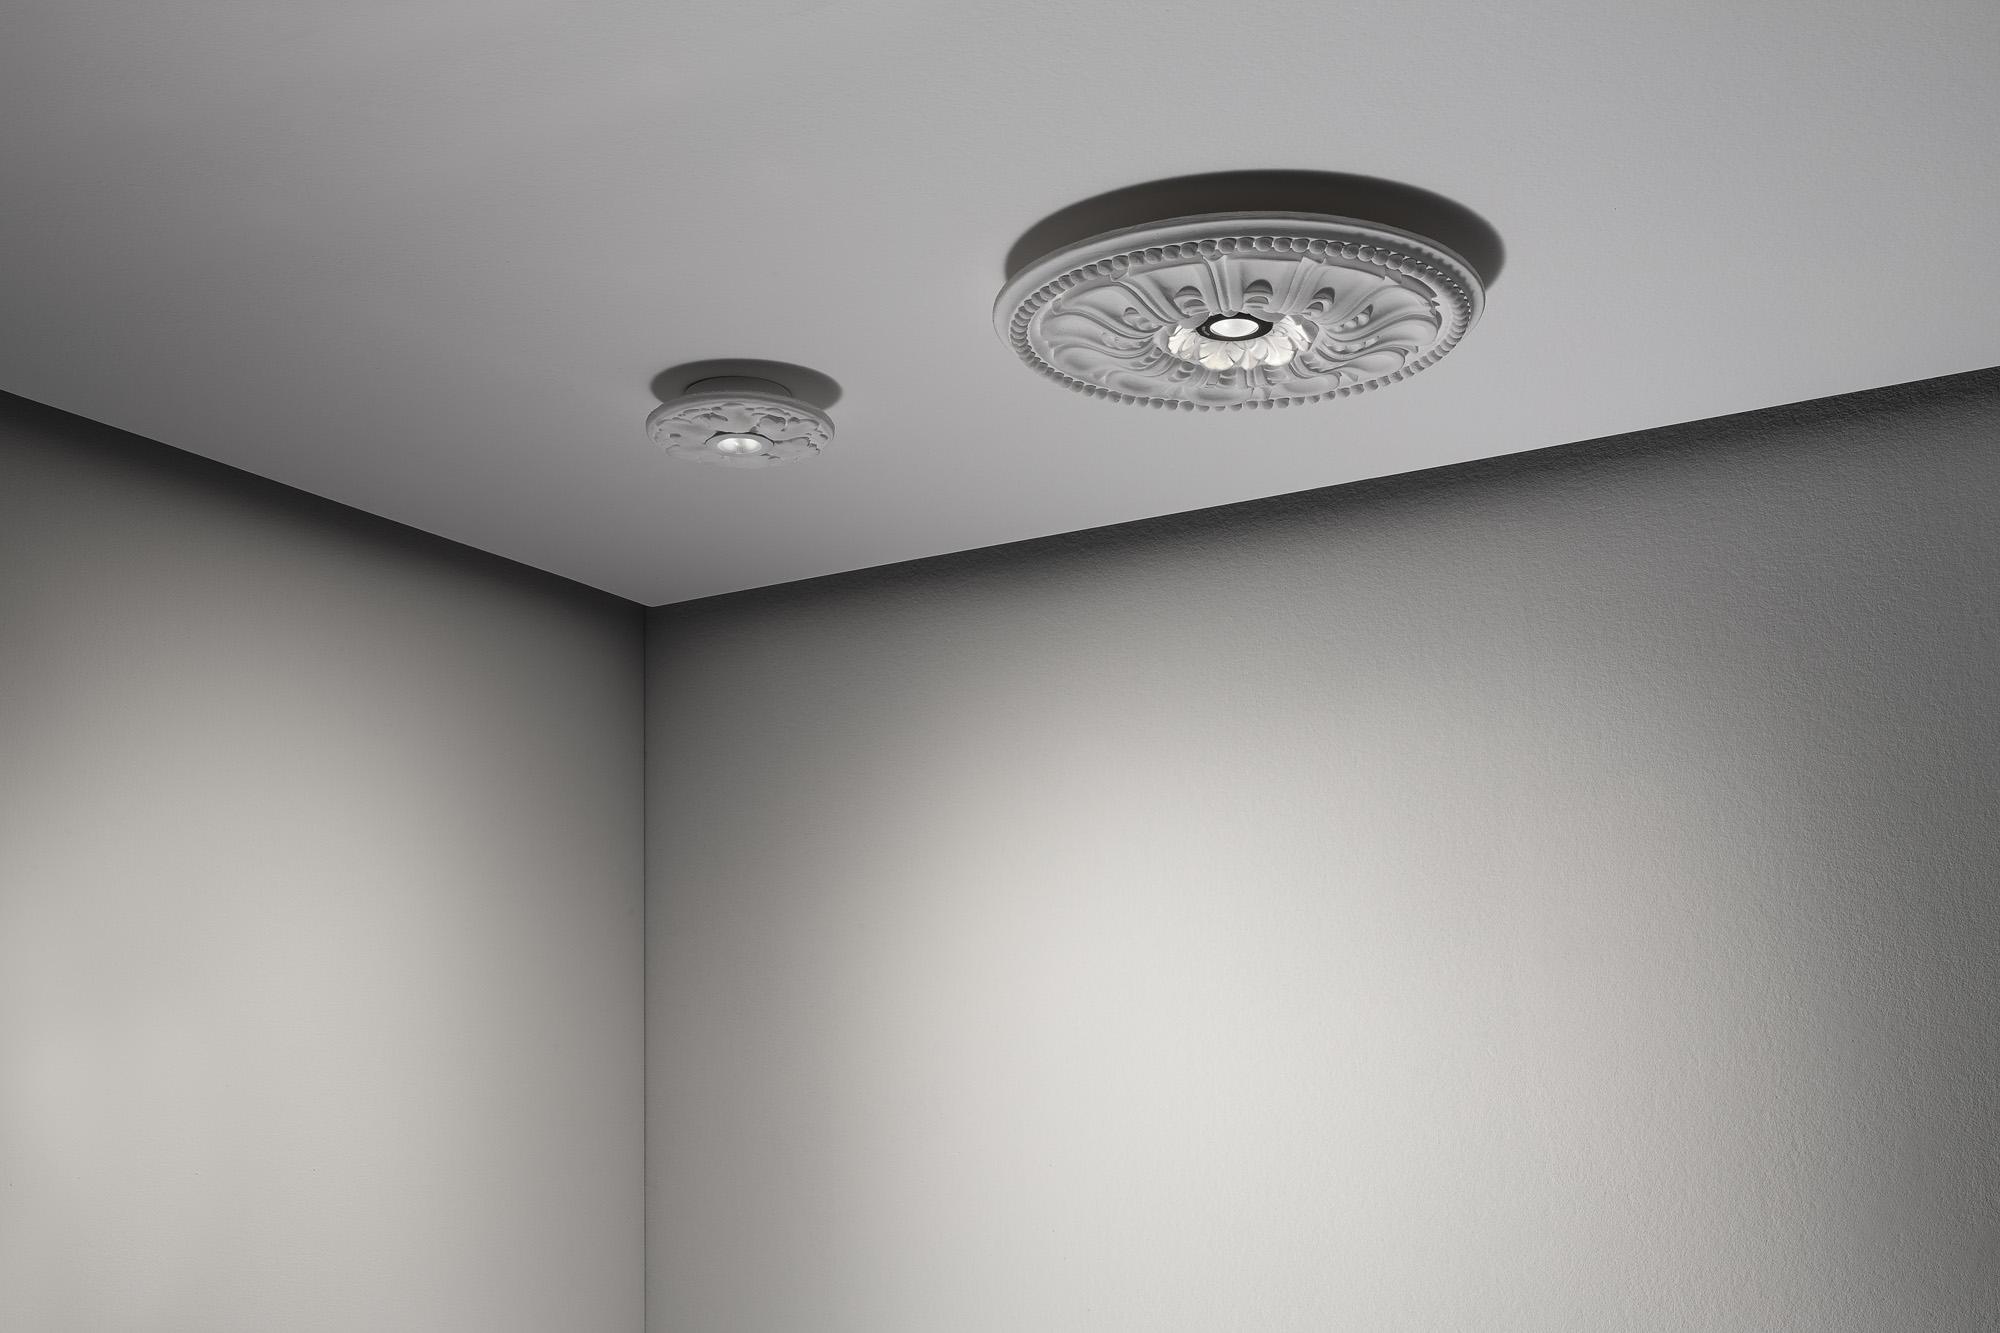 Vesoi (RU) Потолочный светильник Idea Stucco от итальянского бренда Vesoi